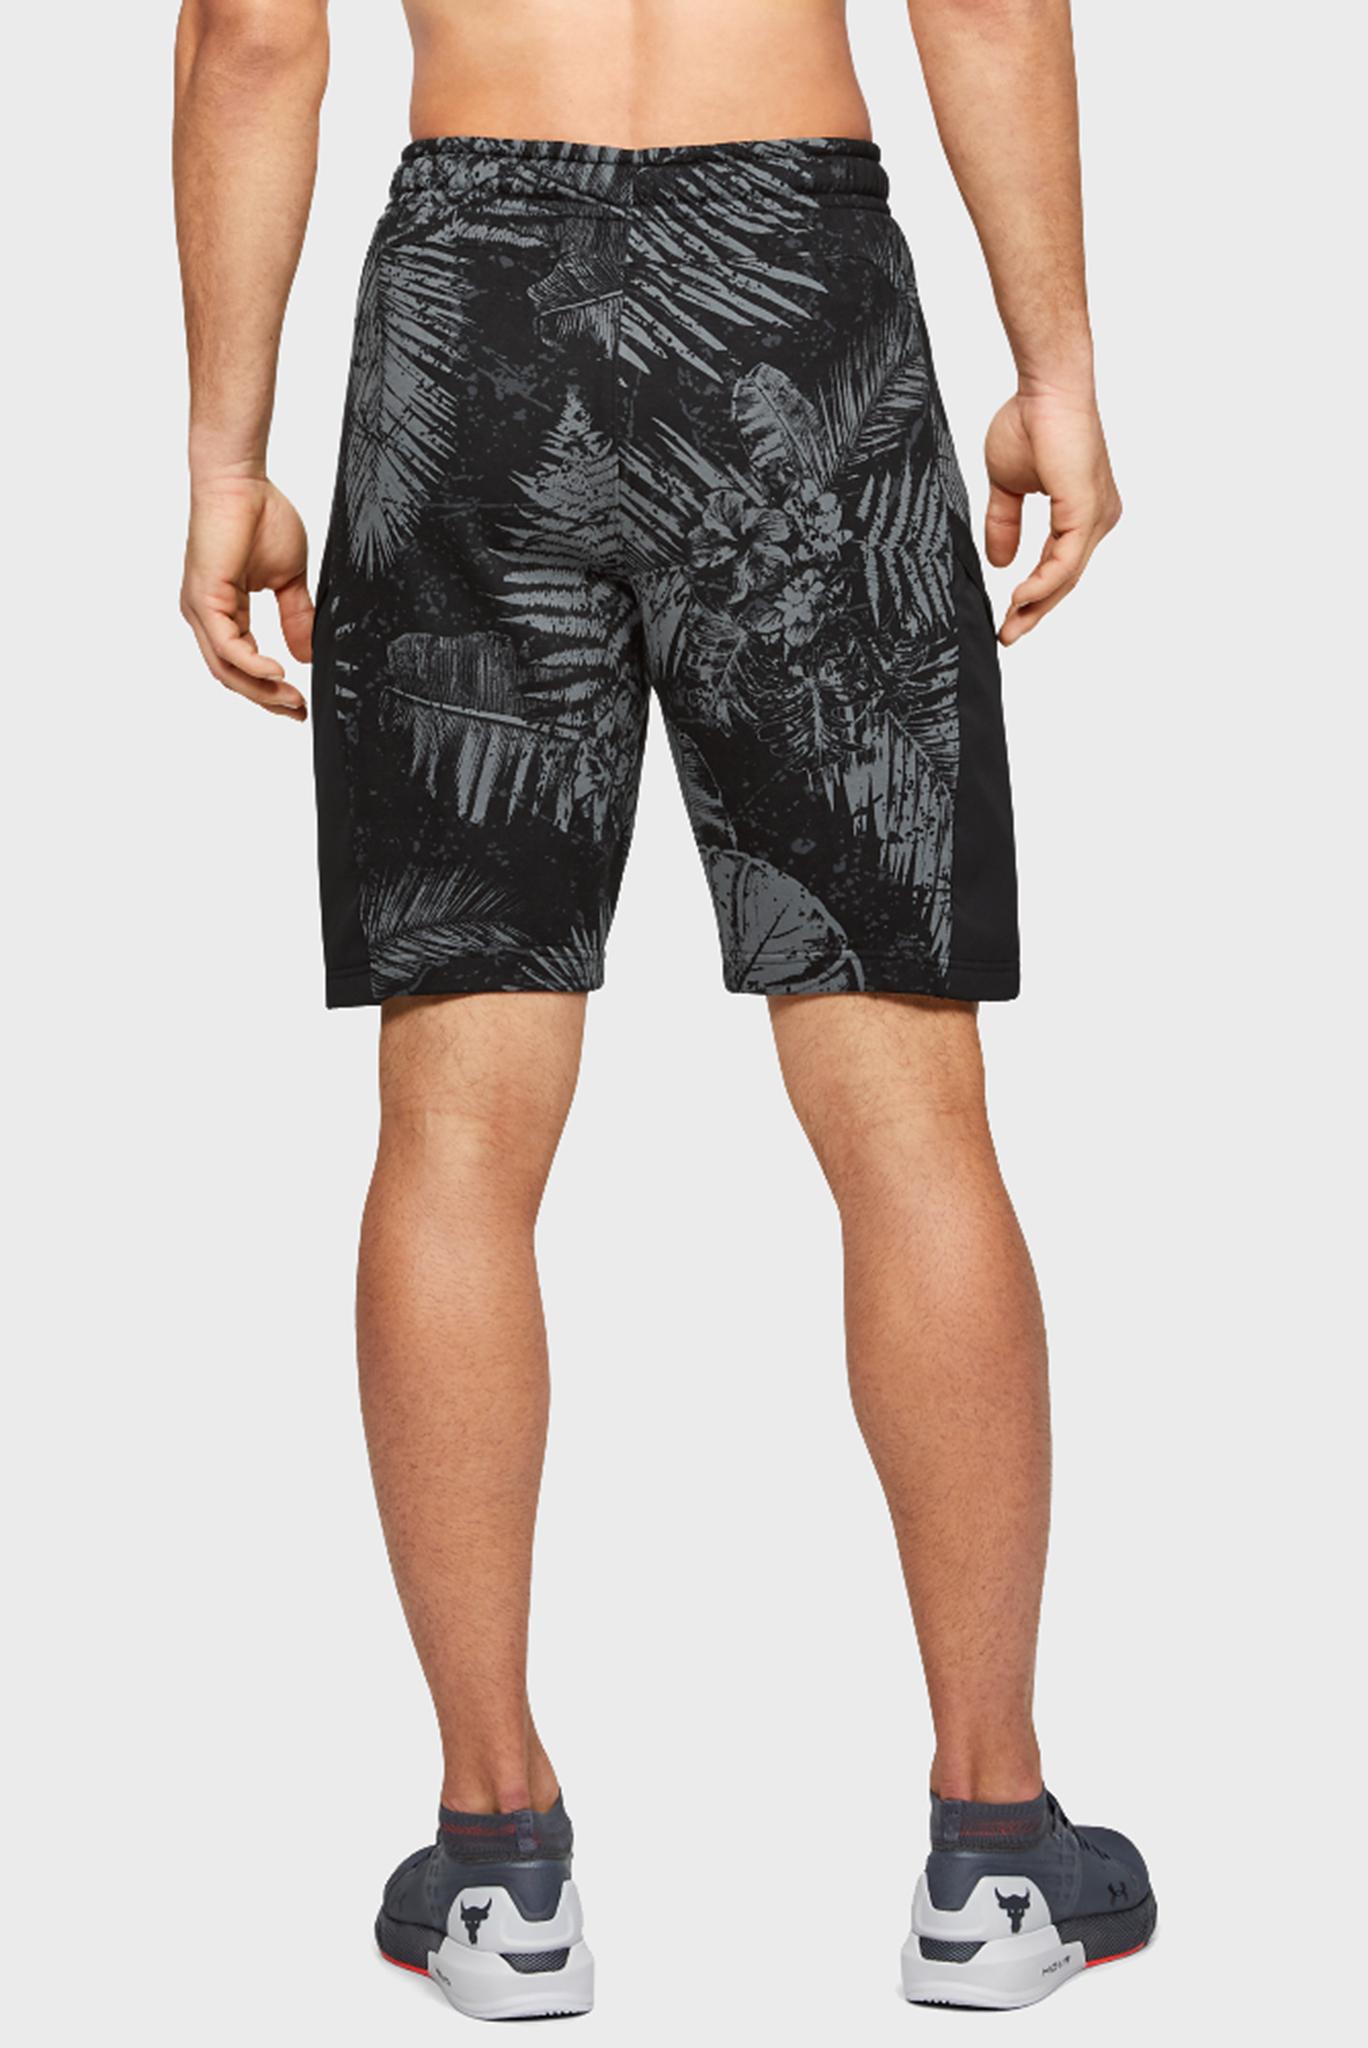 Мужские черные спортивные шорты Project Rock Terry Printed Short Under Armour